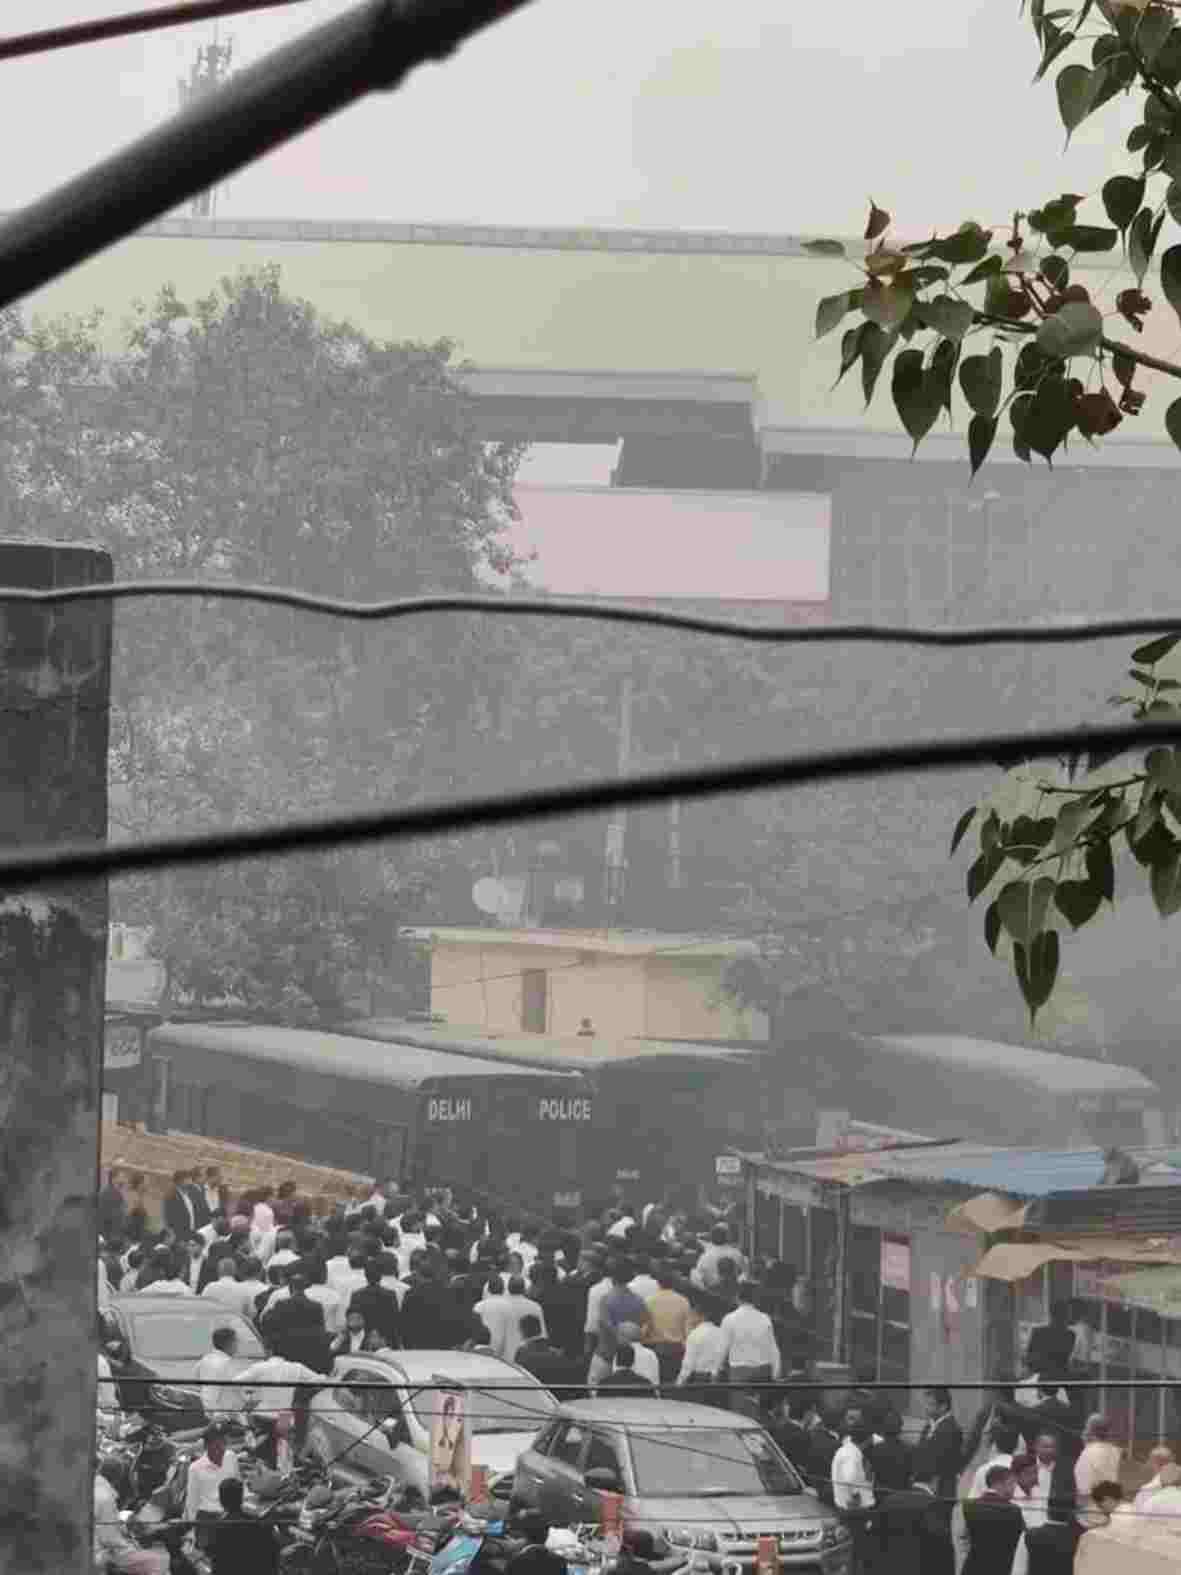 दिल्ली की तीस हज़ारी कोर्ट में पुलिस ने की फायरिंग, वकील हुए घायल, बीसीआई ने किया कड़ा विरोध